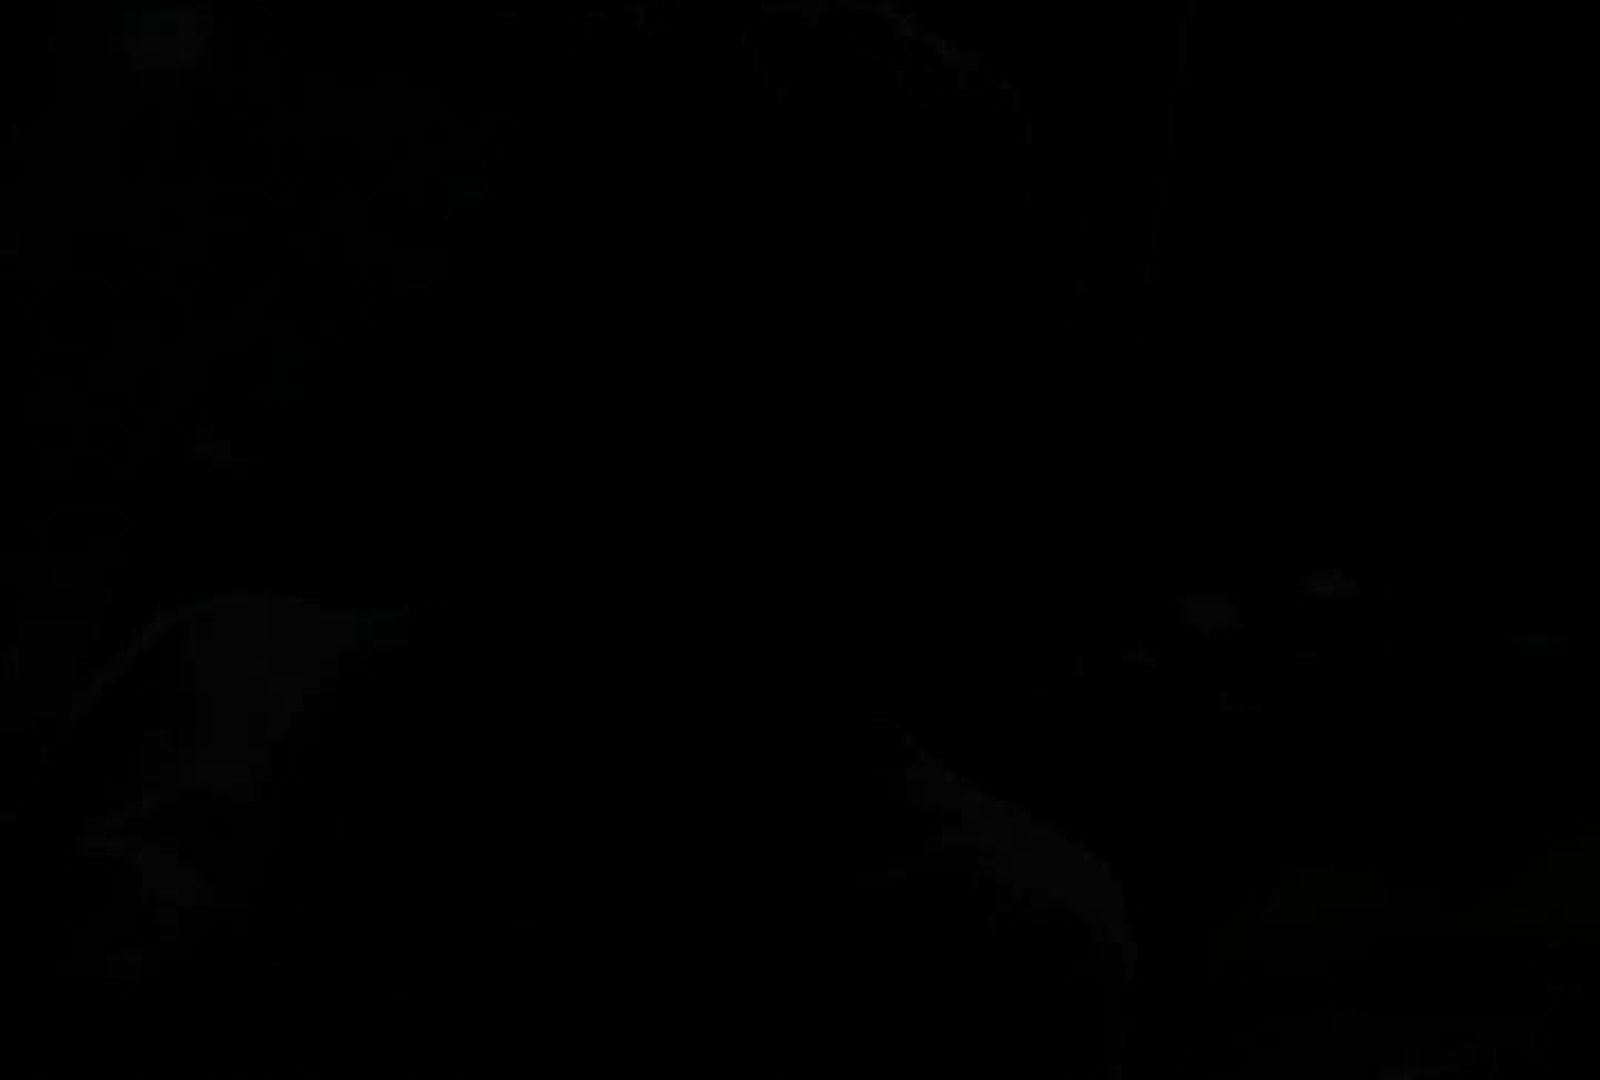 ショップ店員のパンチラアクシデント Vol.28 パンチラ放出 盗撮ワレメ無修正動画無料 81pic 55